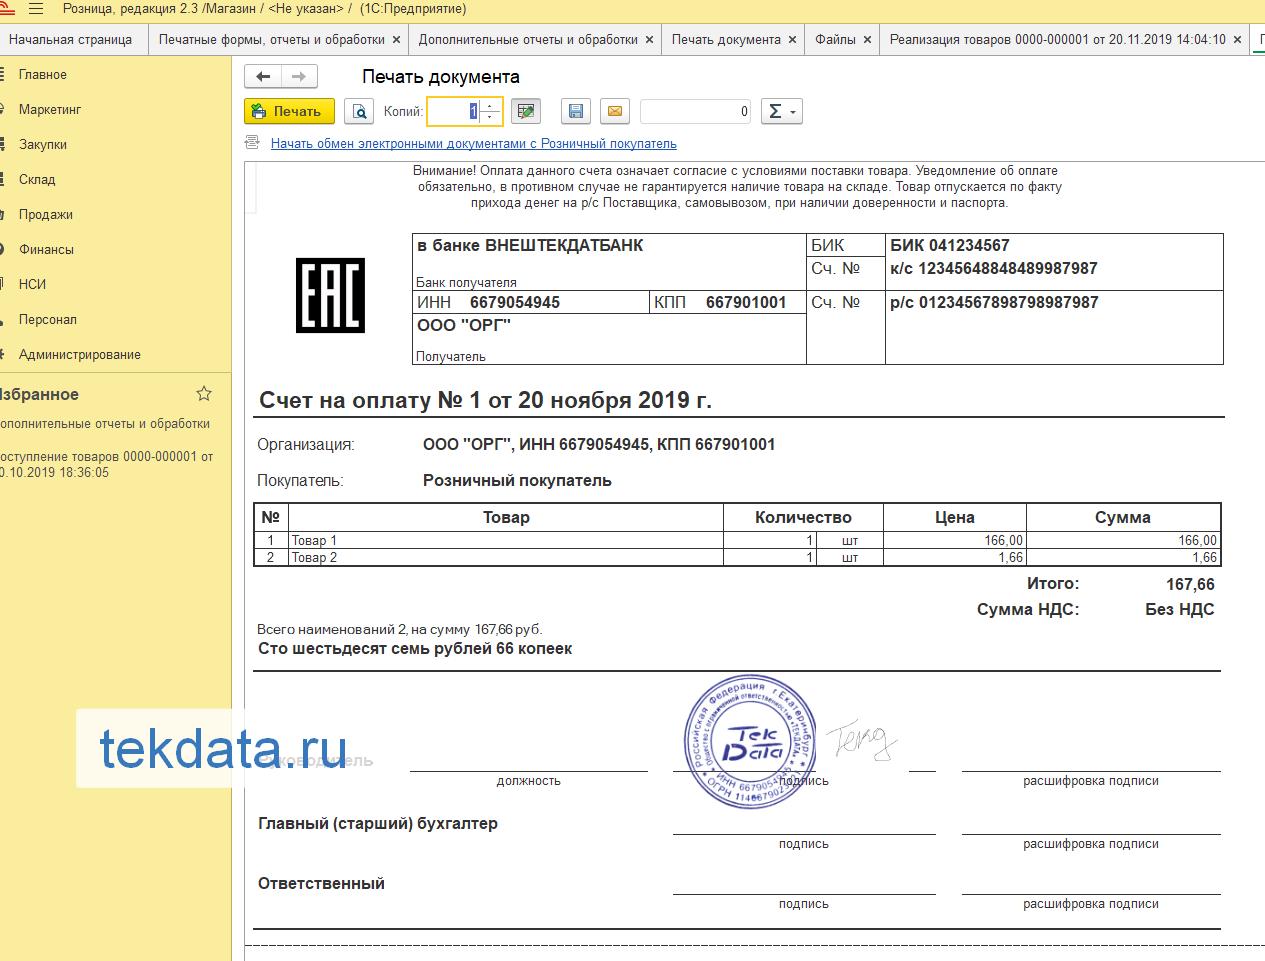 Счет на оплату с логотипом, печатью и подписью для Реализации в Розница 2.3.4 (Внешняя печатная форма)